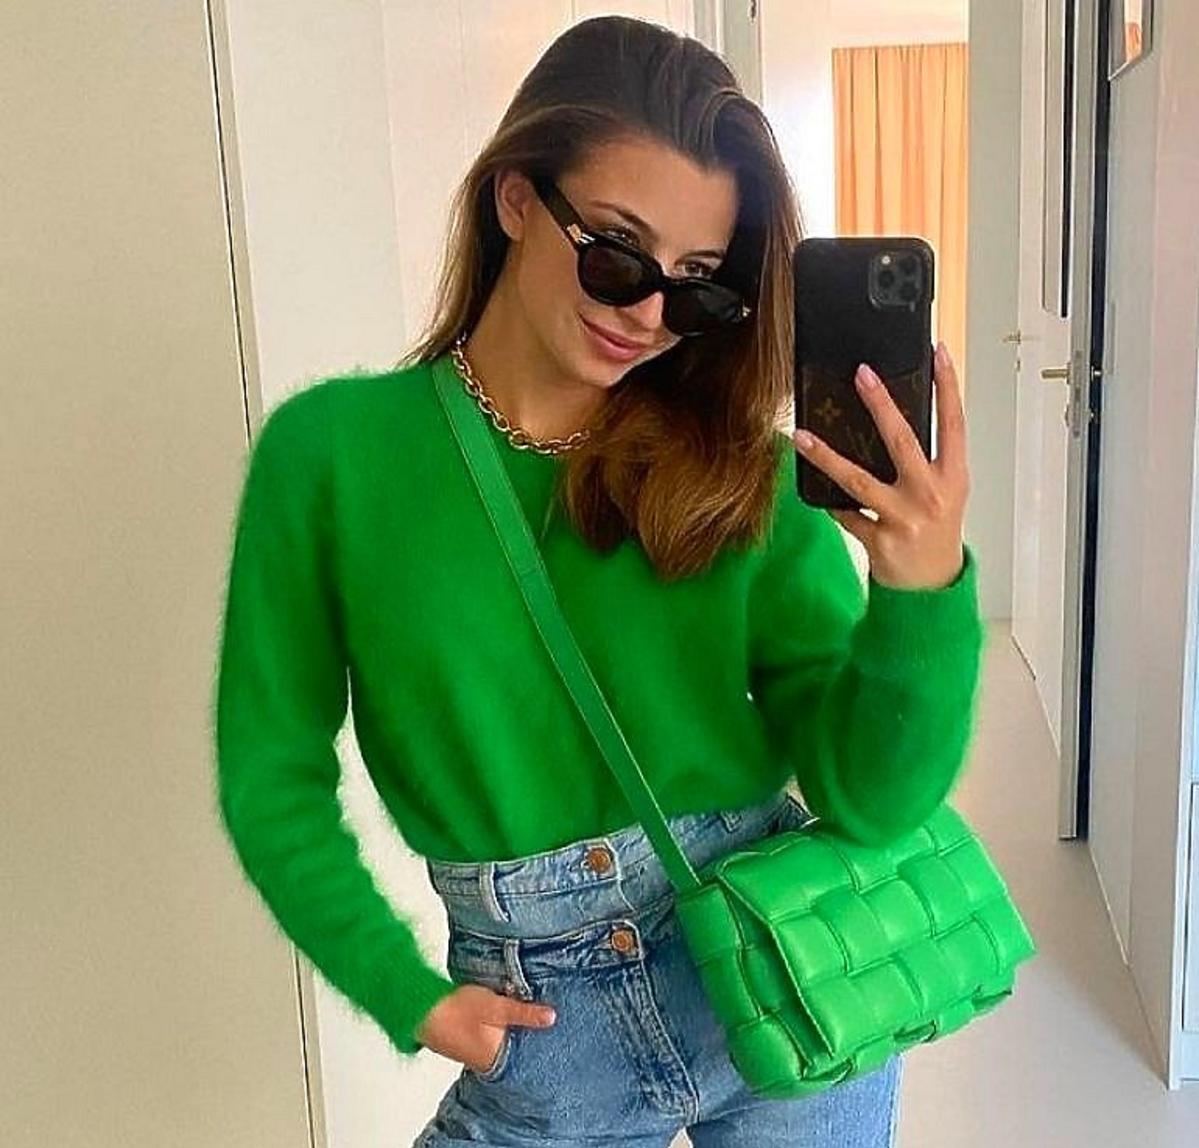 Julia Wieniawa z zieloną torebką